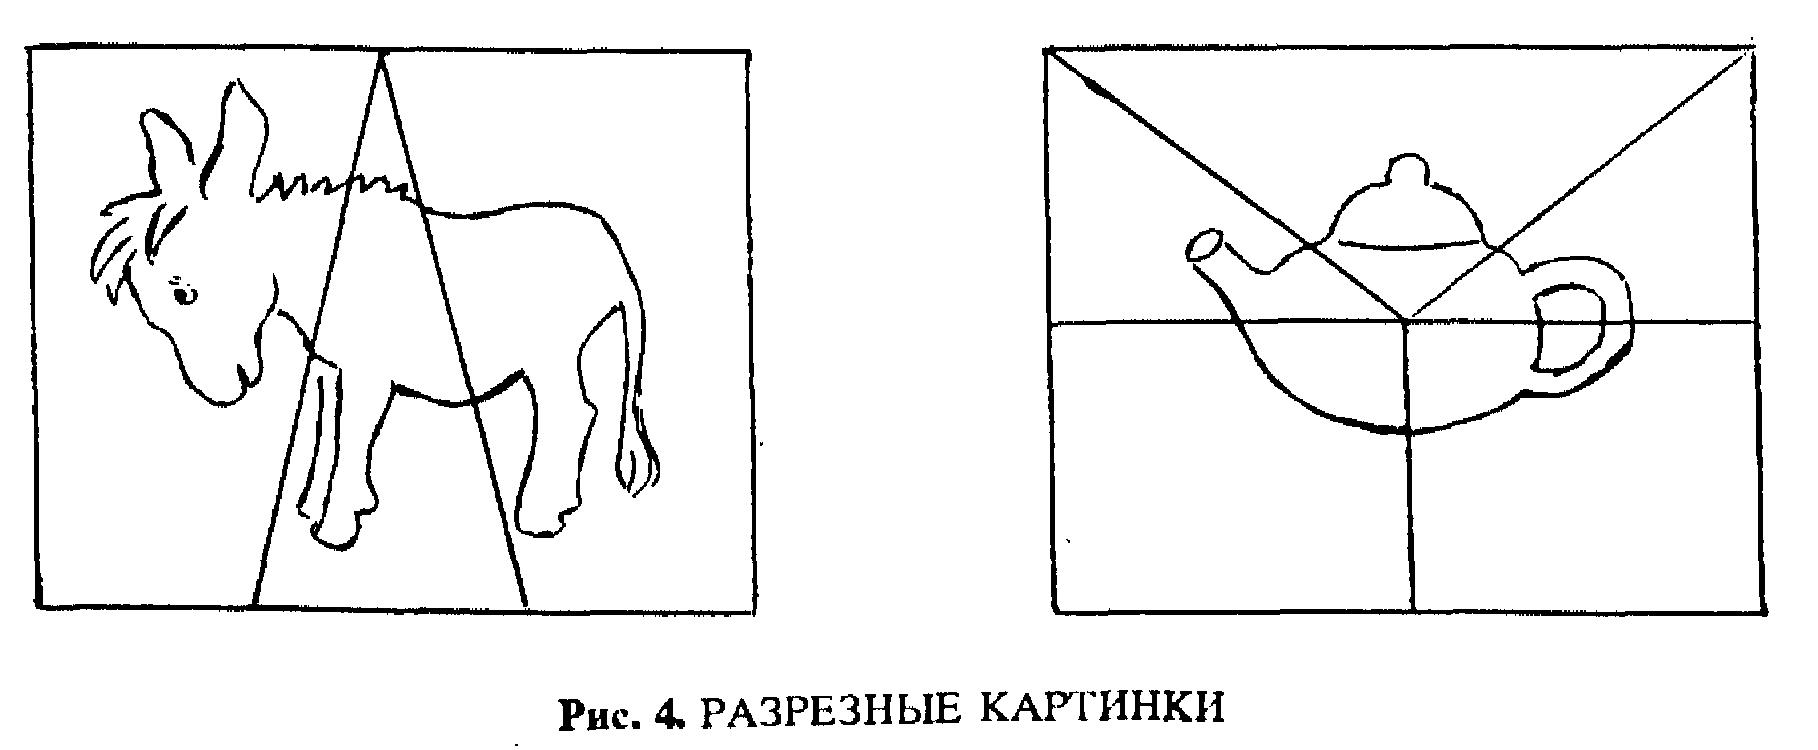 Разрезные картинки методика исследования